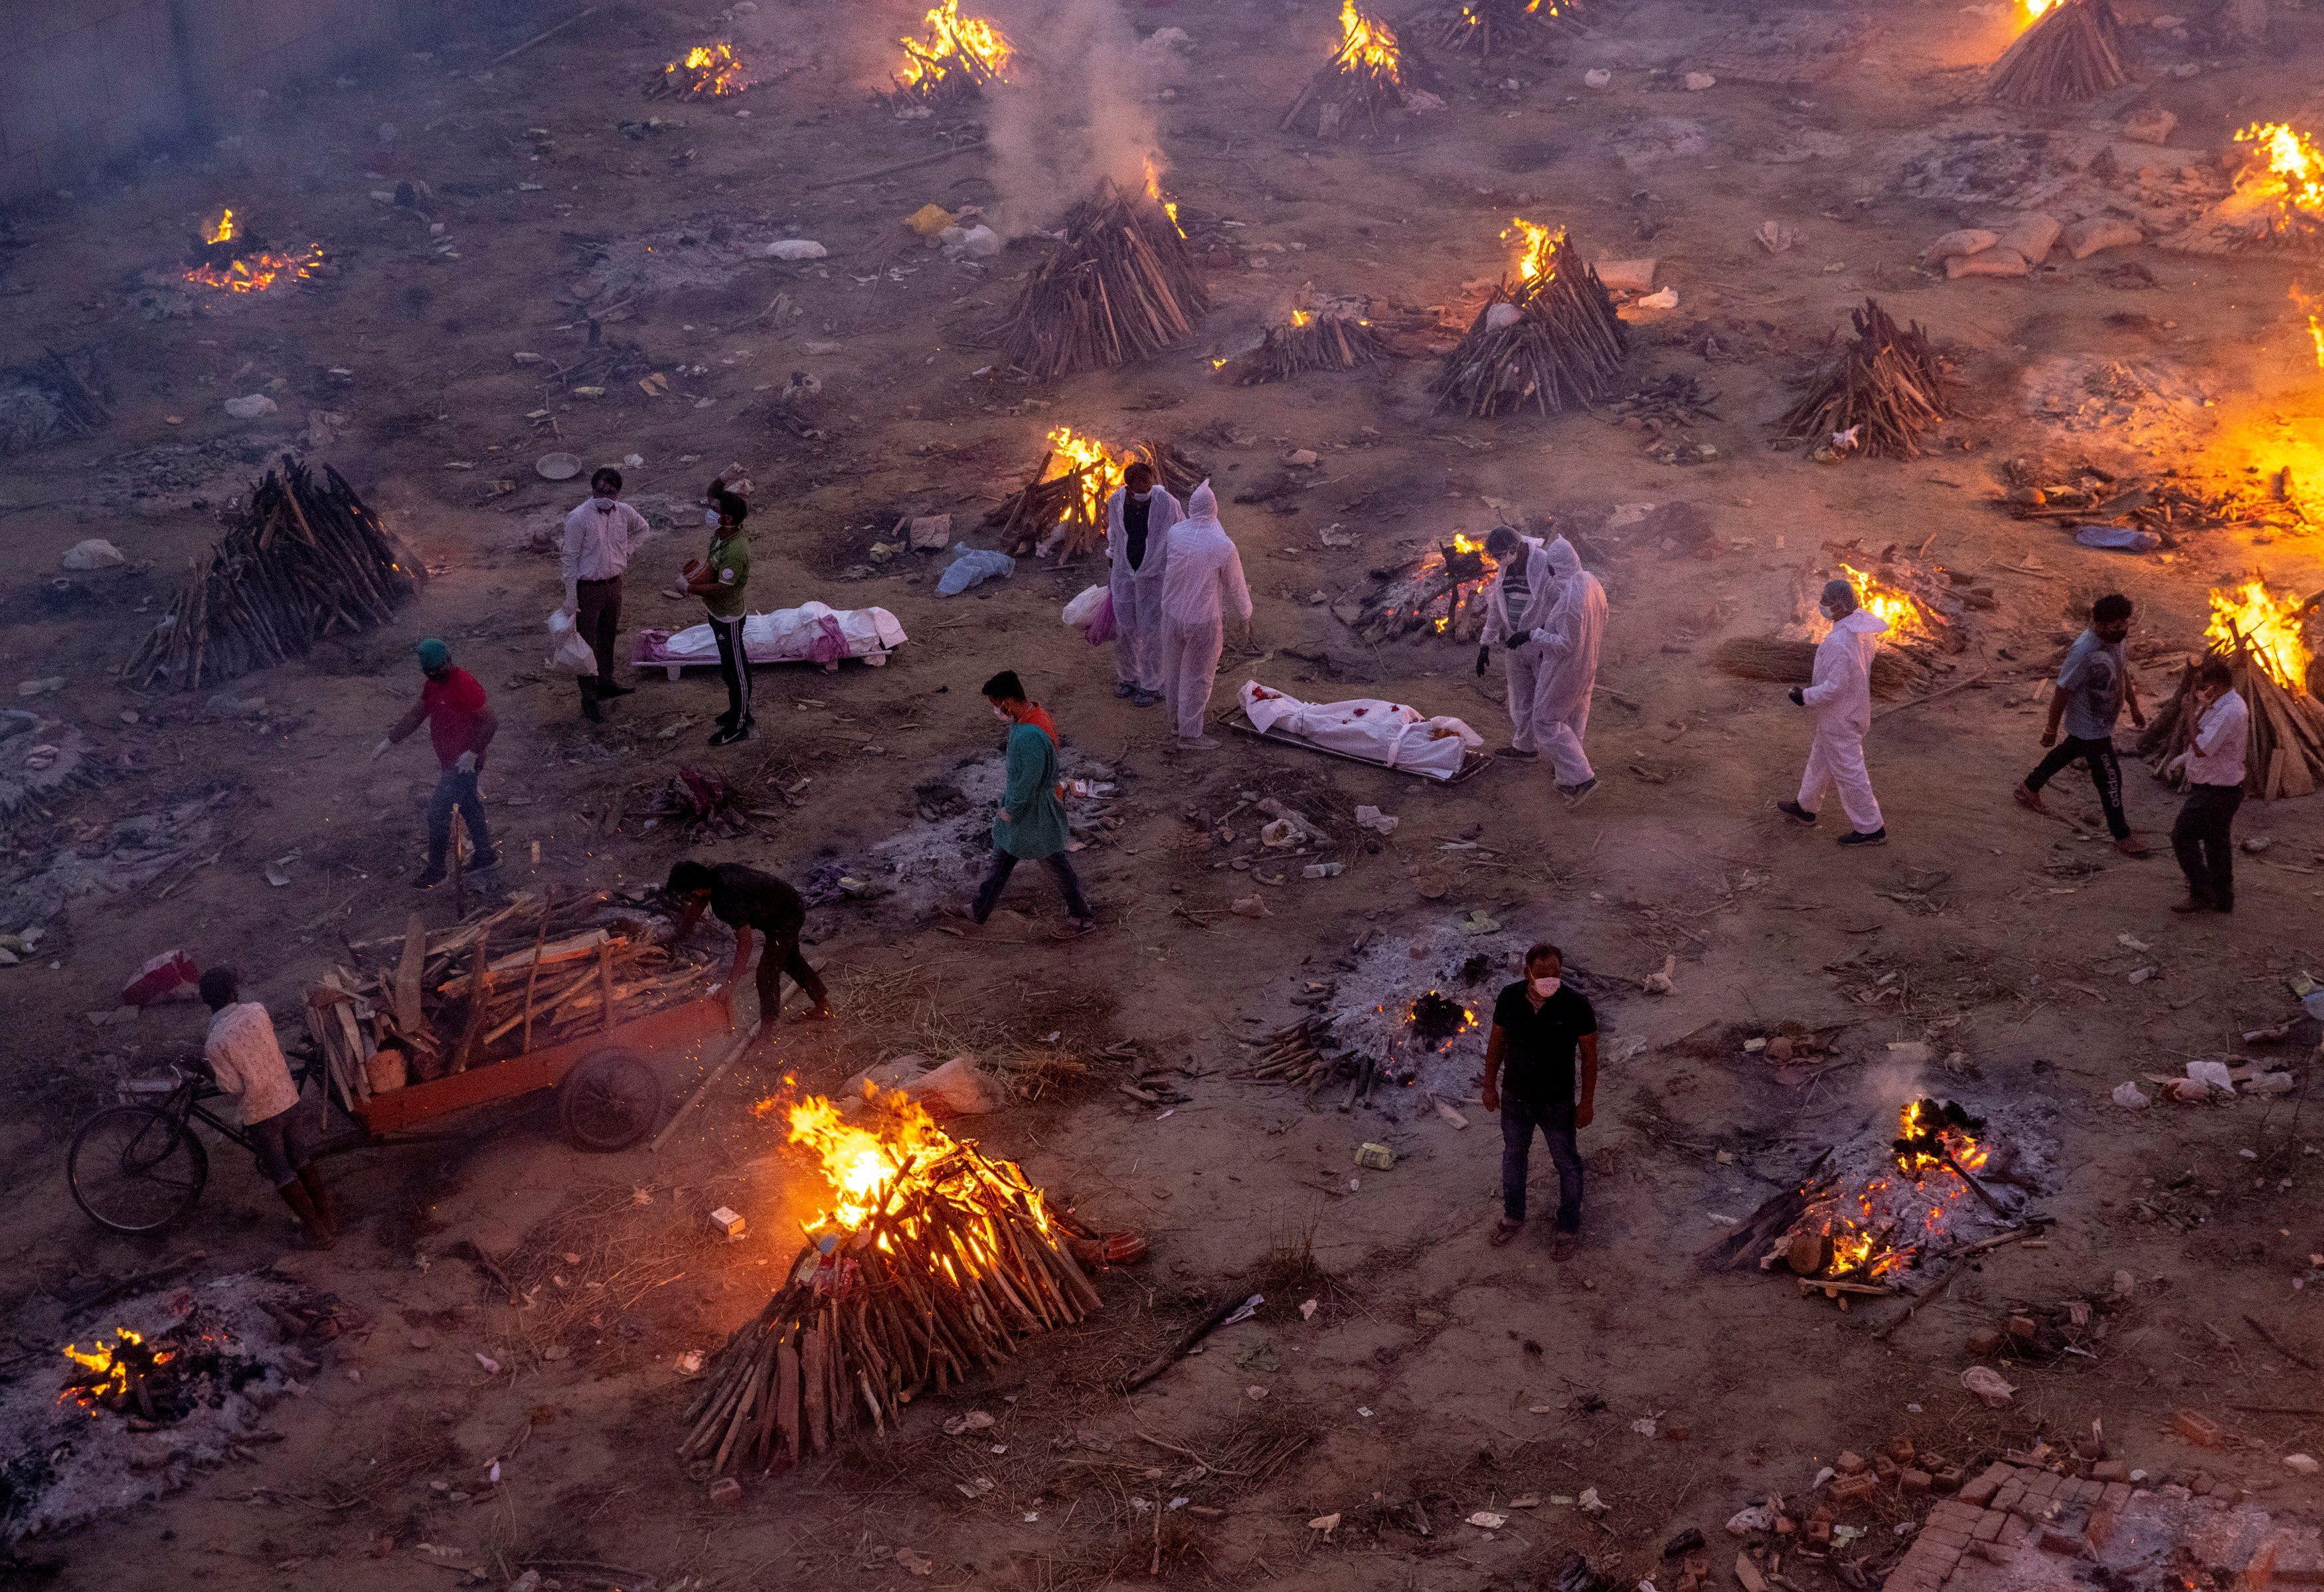 火葬场不够用,公园里、大街边、恒河河畔,到处都是焚烧尸体的火堆和埋尸的坑位。-路透社-